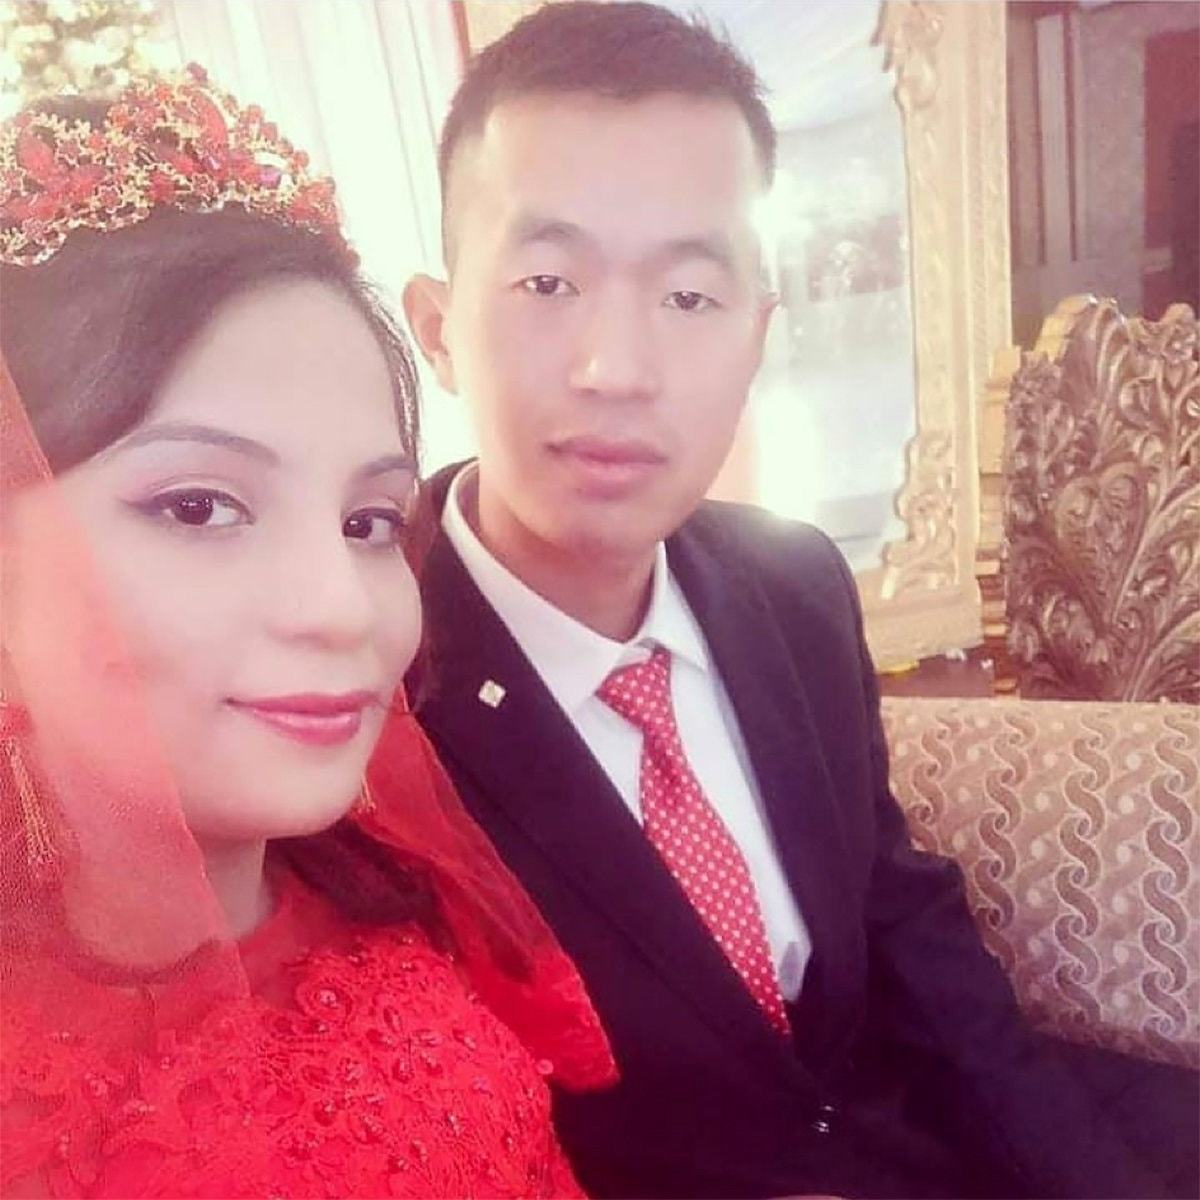 bi kịch,cô gái,cô dâu,Pakistan,chồng giùa,nông dân,Trung Quốc,chẳng lành,đám cưới,đại sứ quán,thế giới,thời sự quốc tế,tin thoi su,tin thoi su the gioi,trong ngày,24h